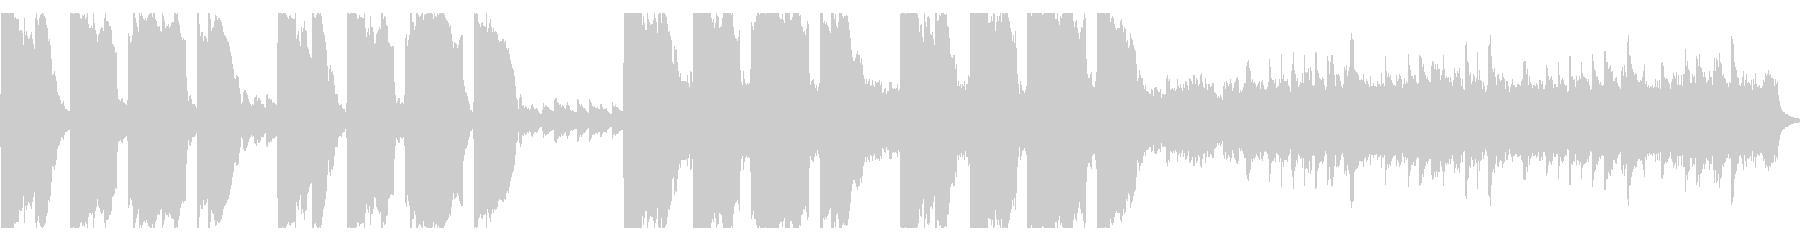 王道ファンタジーRPG 廃墟の未再生の波形